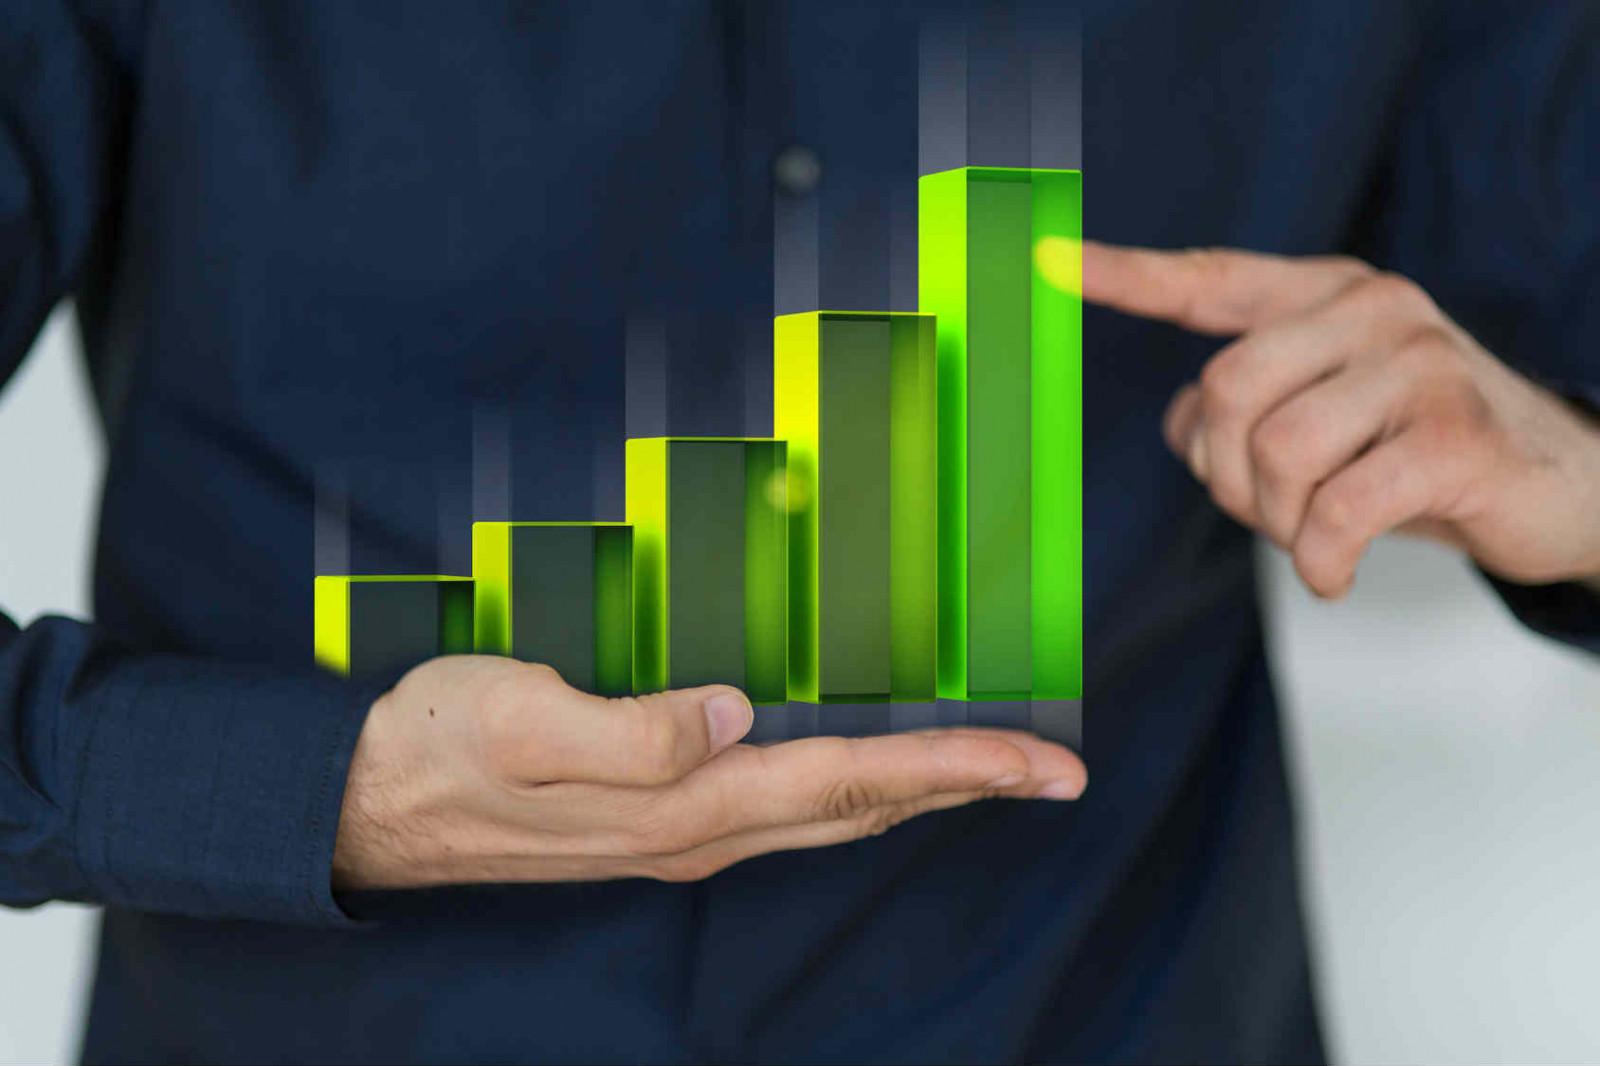 Тамбовщина улучшила показатели в рейтинге научно-технического развития